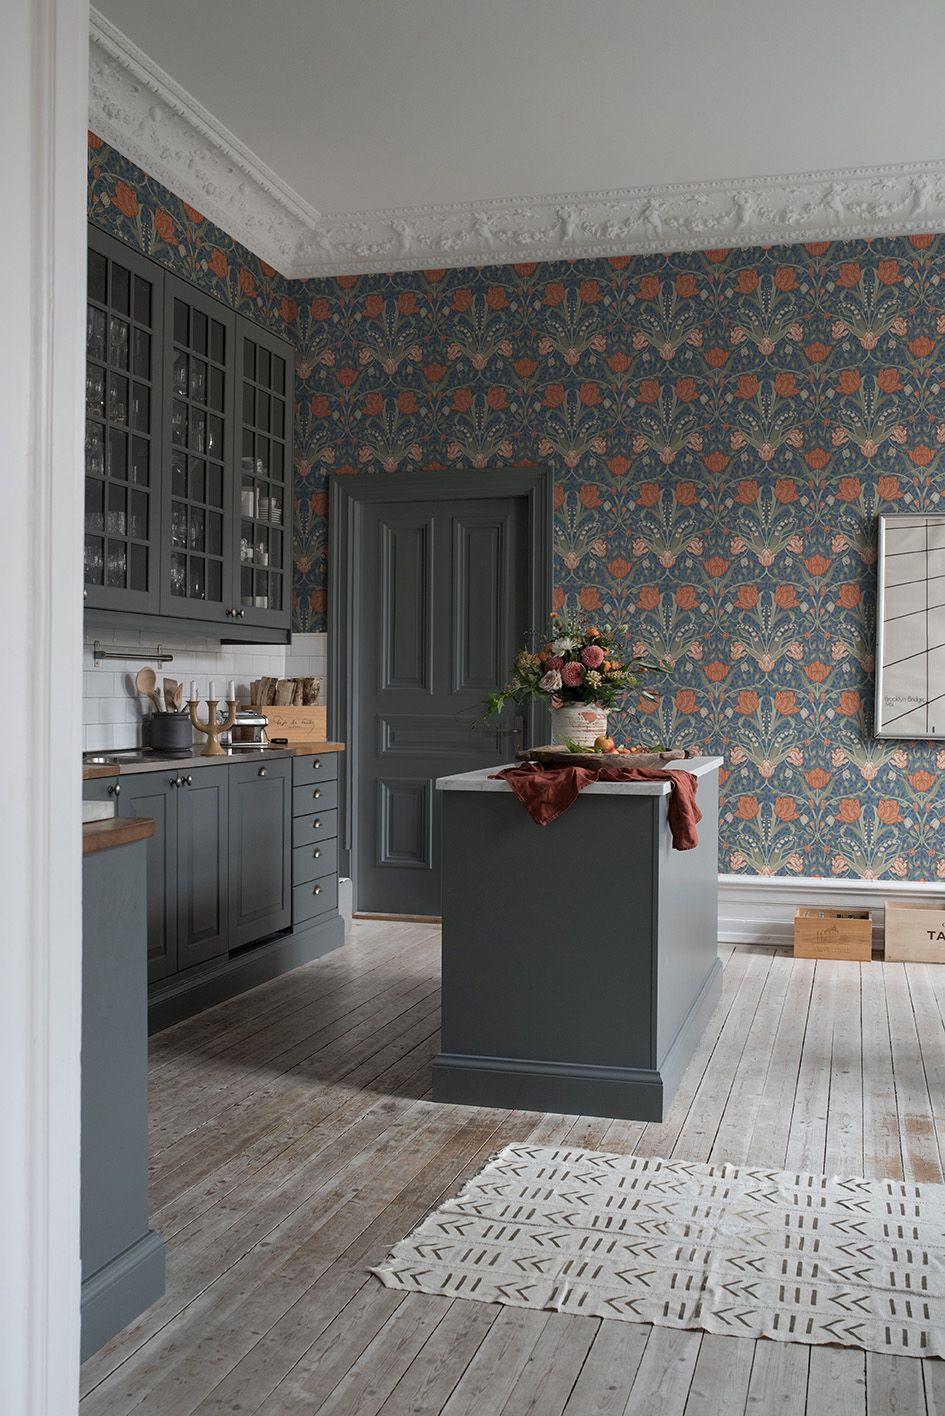 Keittiön sisustusideoita   Kitchen interior ideas   Home decor ...